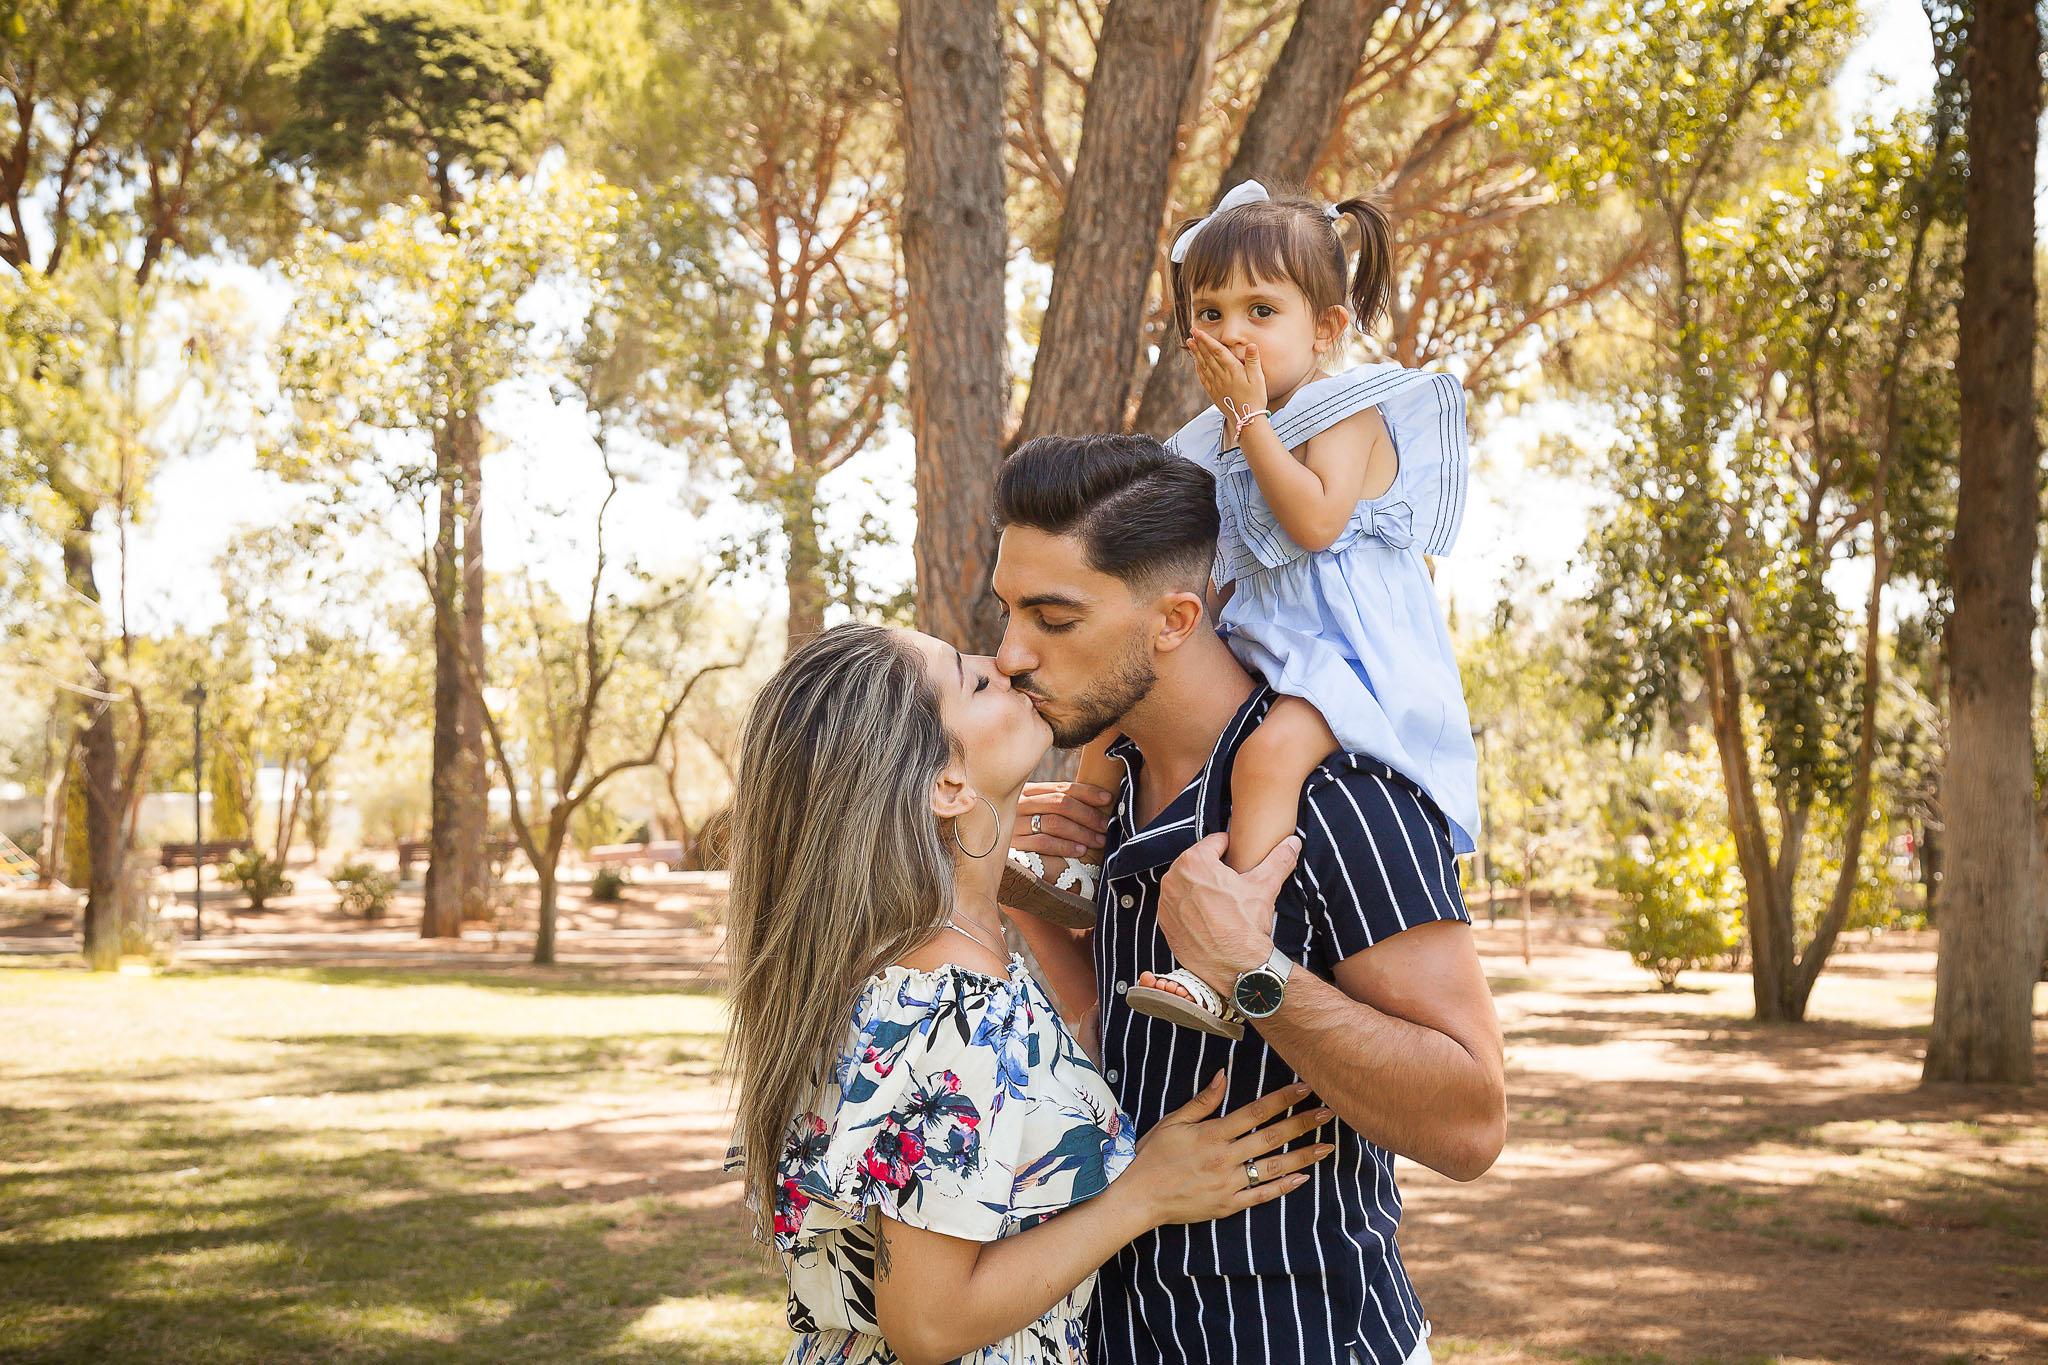 Sessão Fotográfica em Família no Parque de Loulé - Algarve